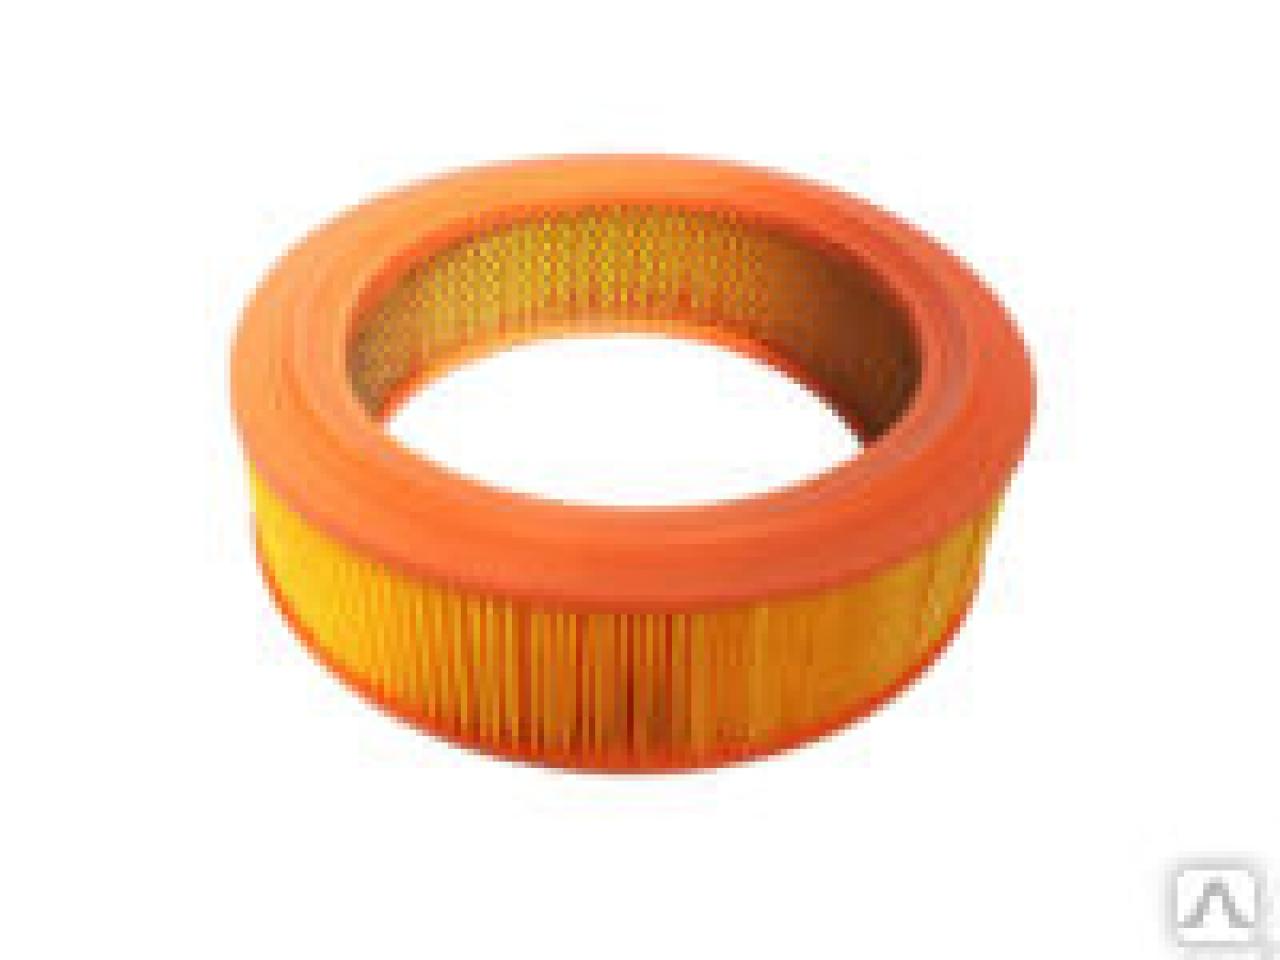 Воздушный фильтр (премиум) EKO-01.21, 3102-1109013-01, 31029-1109013-10